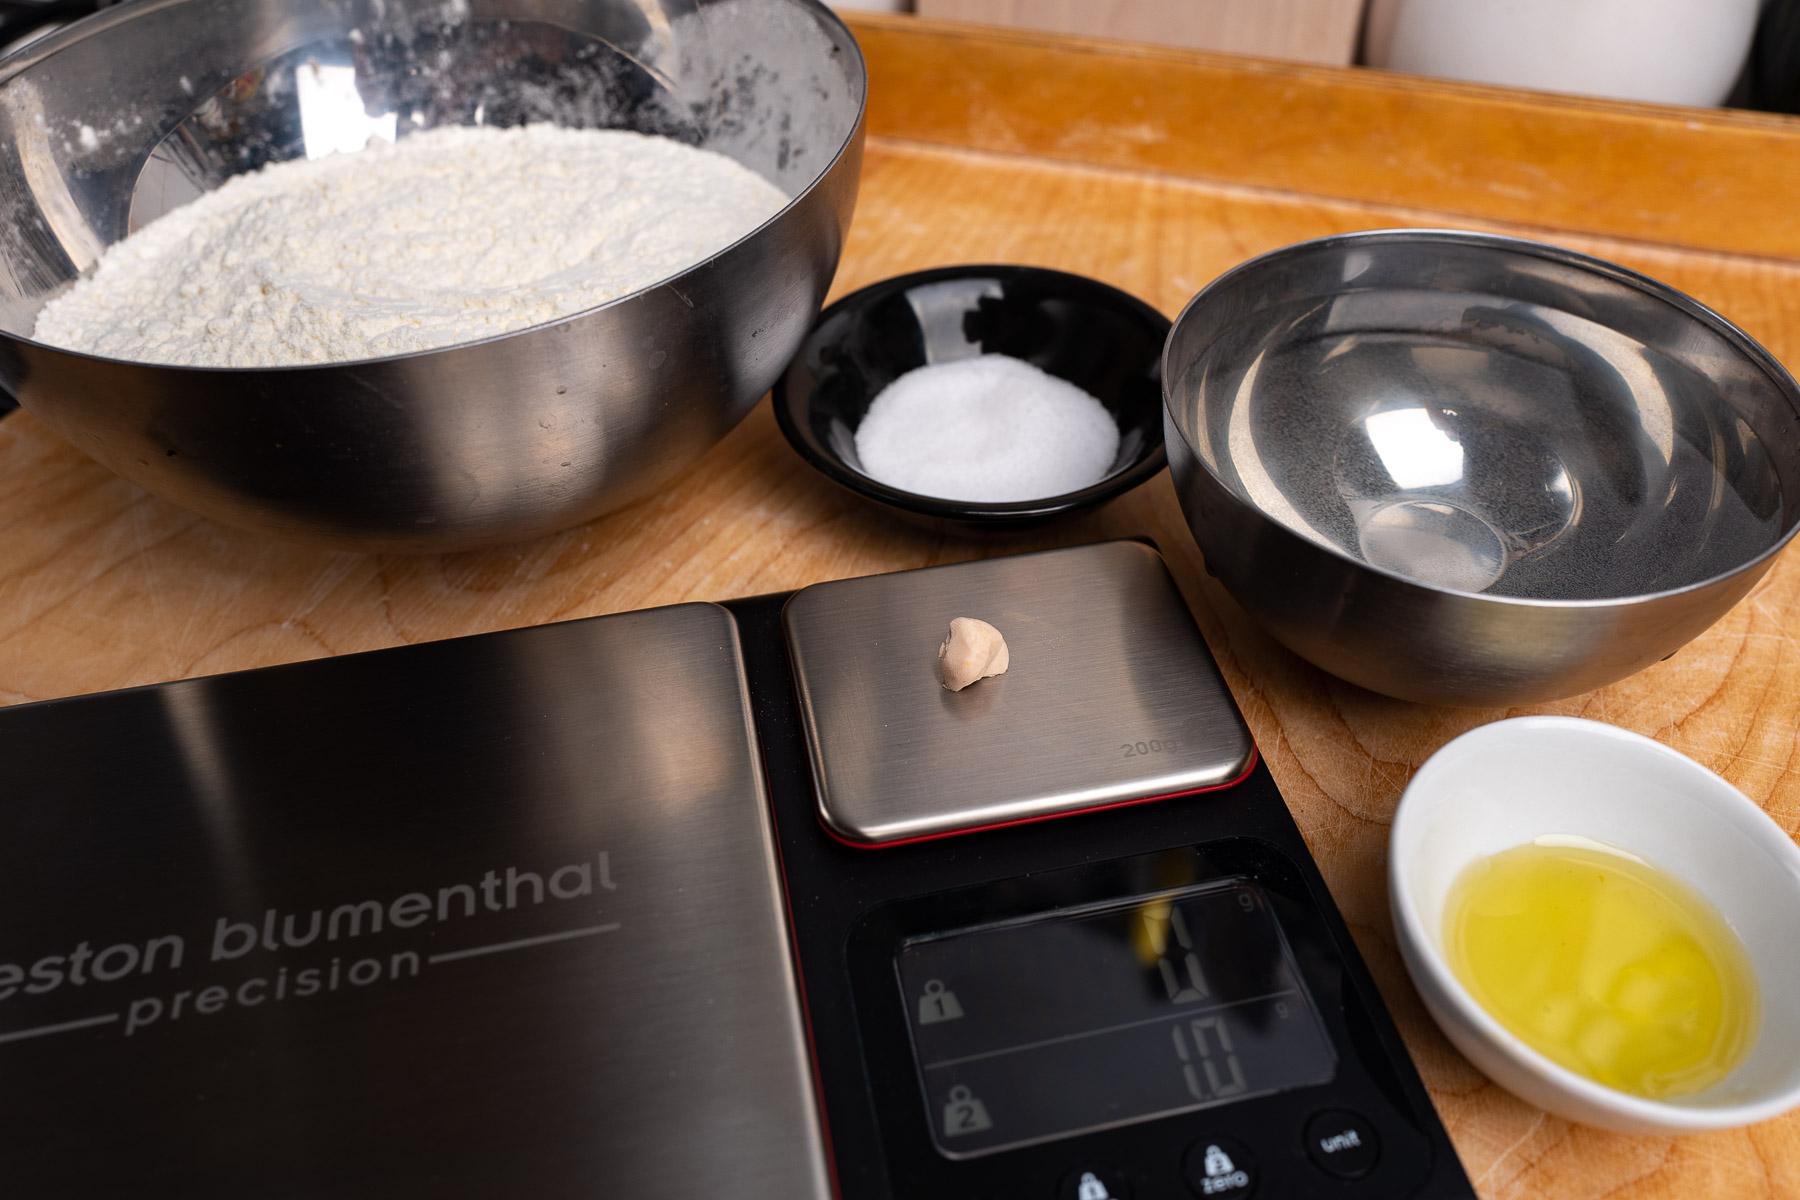 składniki na ciasto: mąka, woda, sól, świeże drożdże, oliwa z oliwek